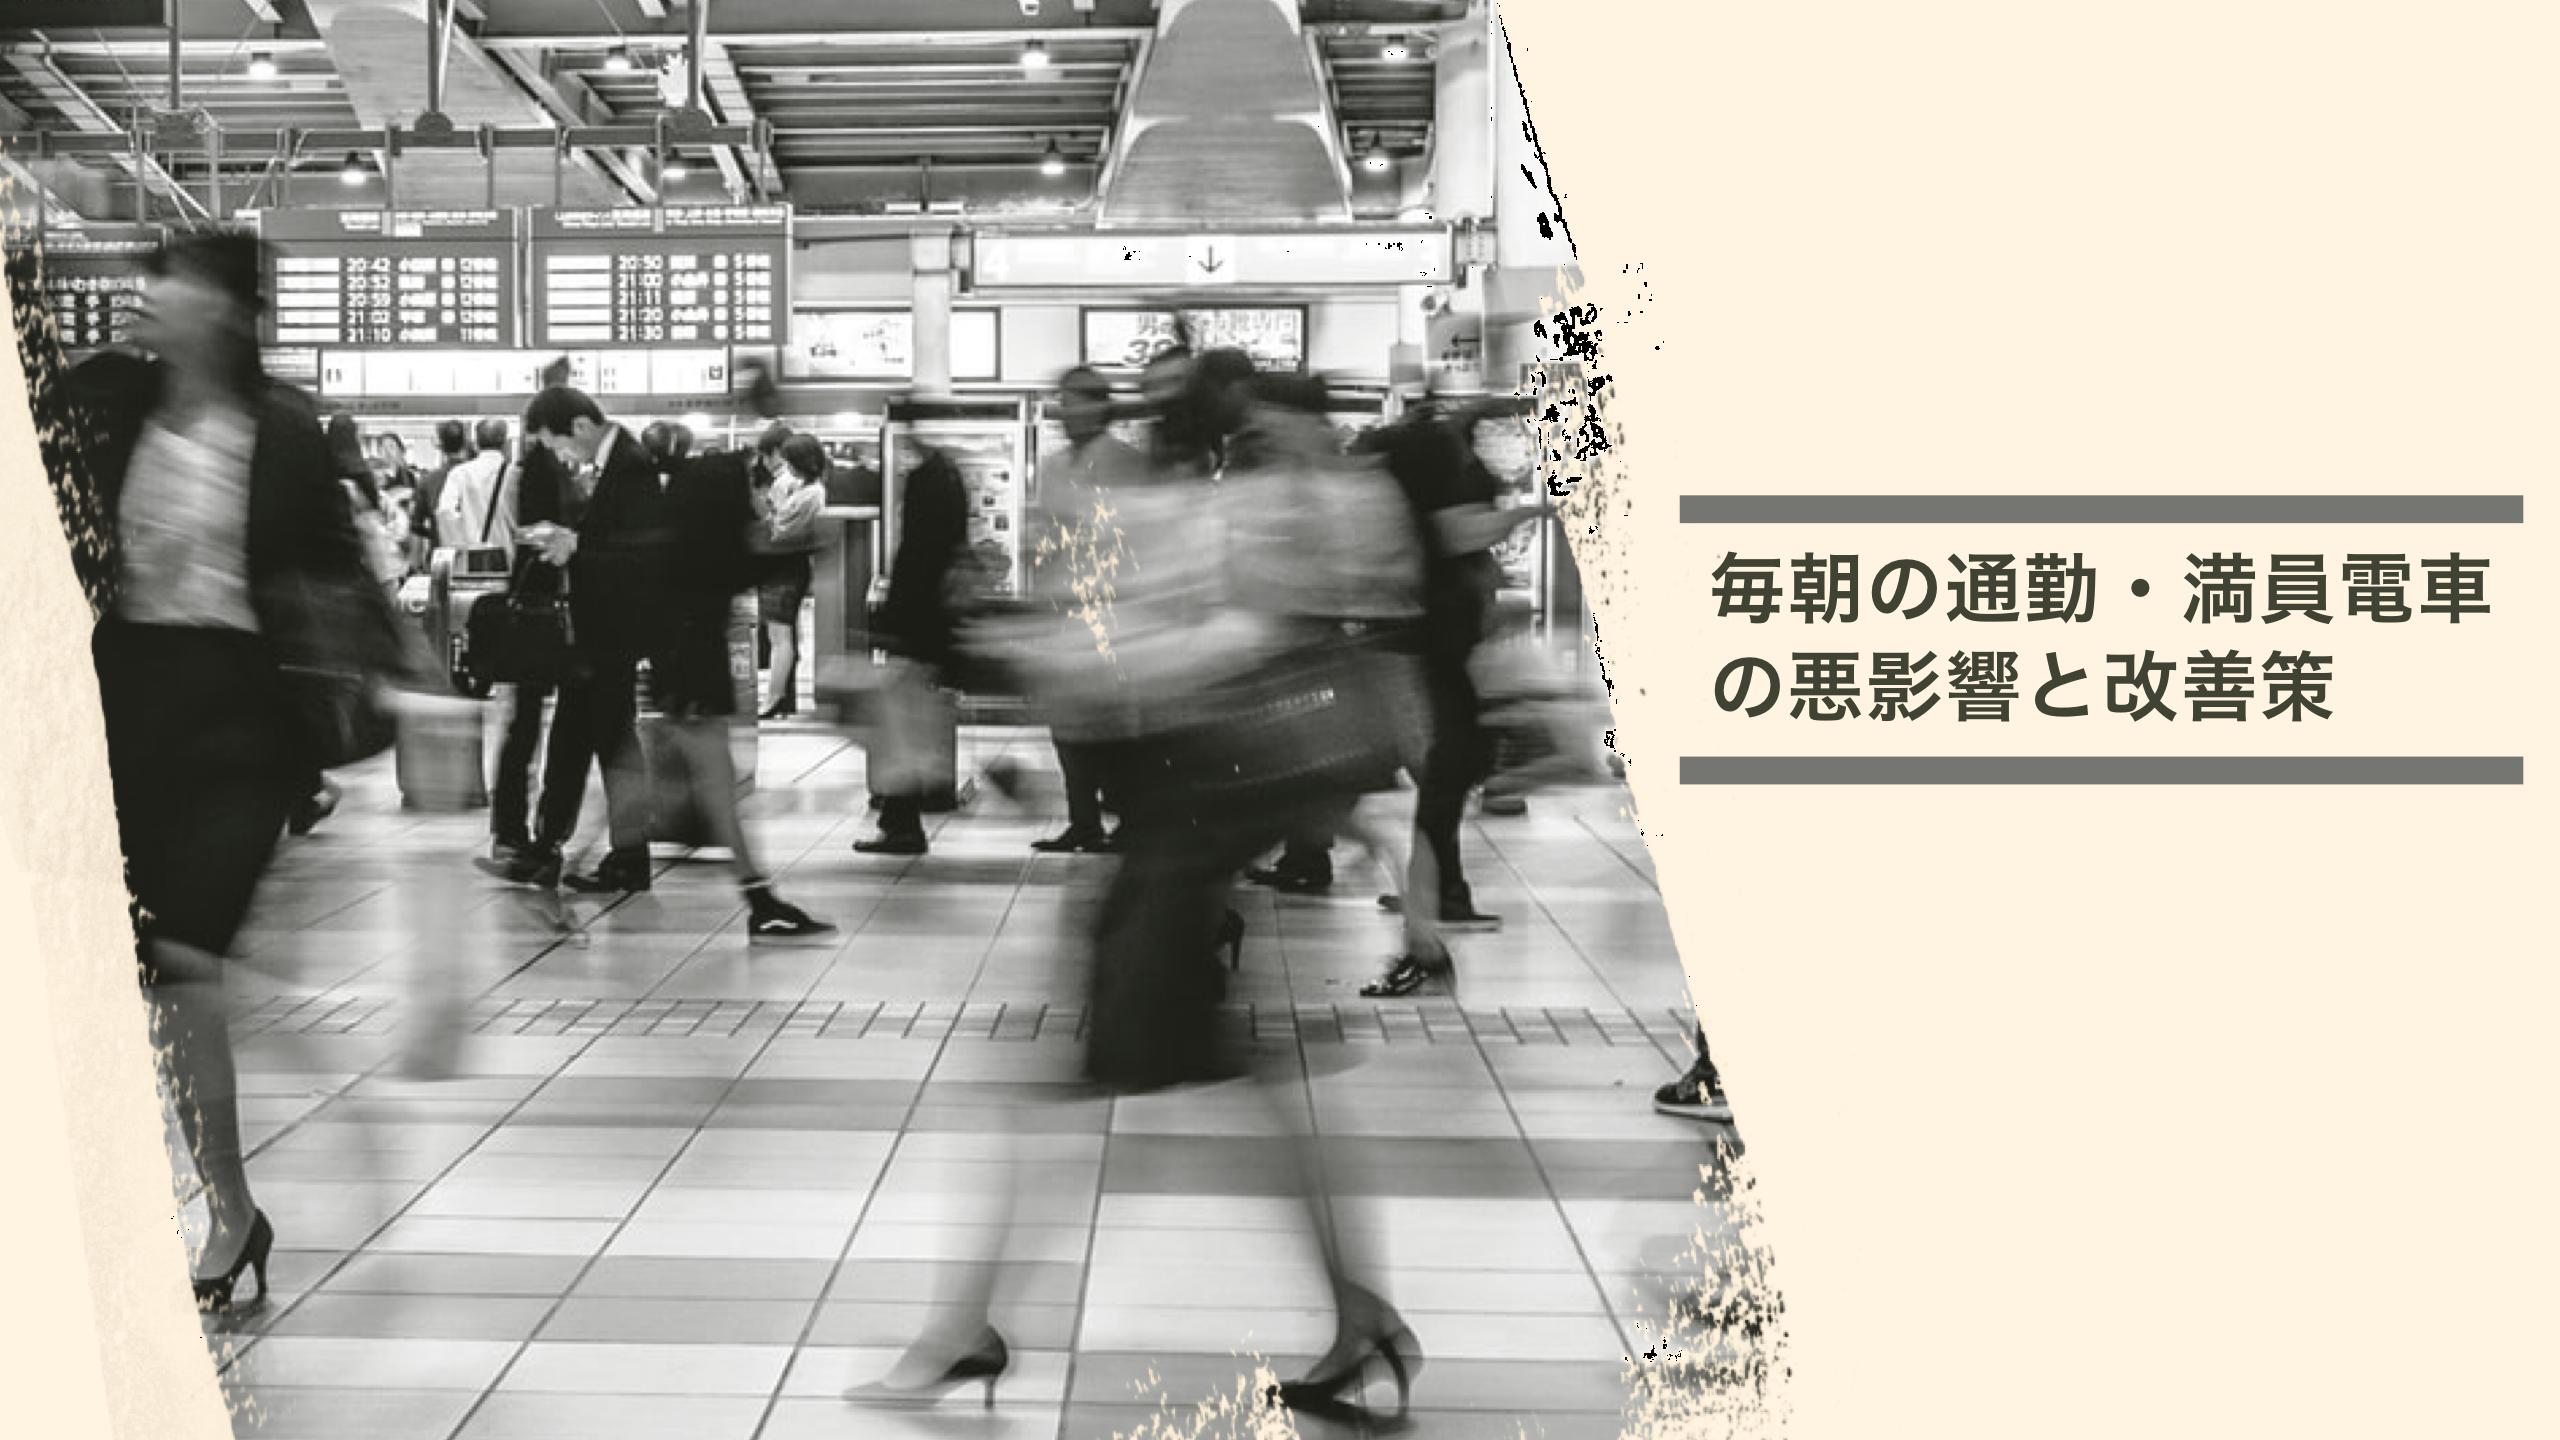 【毎朝の絶望感】通勤時の満員電車がもたらす悪影響と緩和策とは?